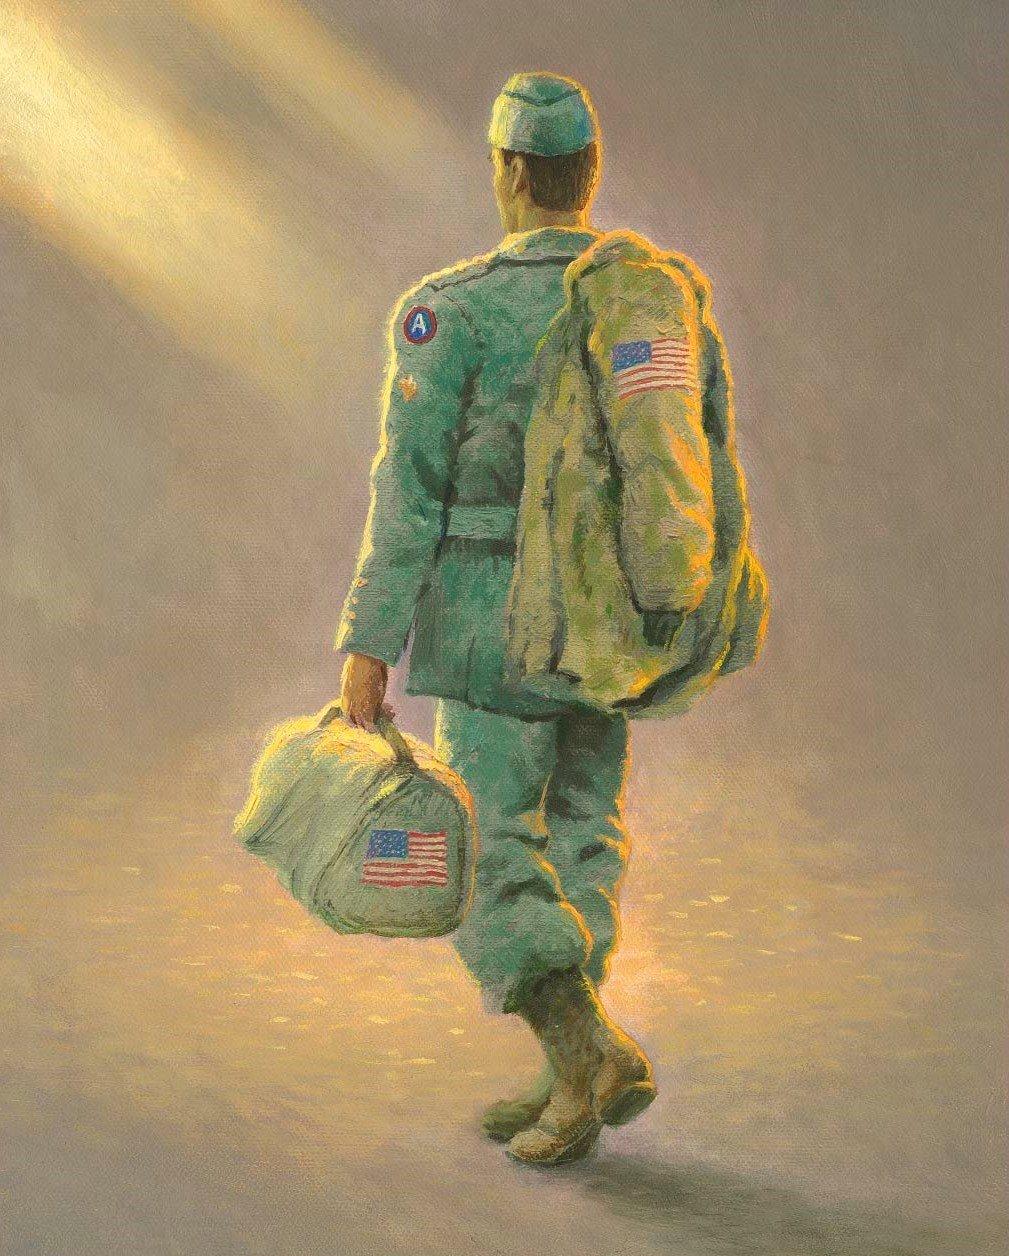 Thomas Kinkade Military Heading Home 2038 Panel